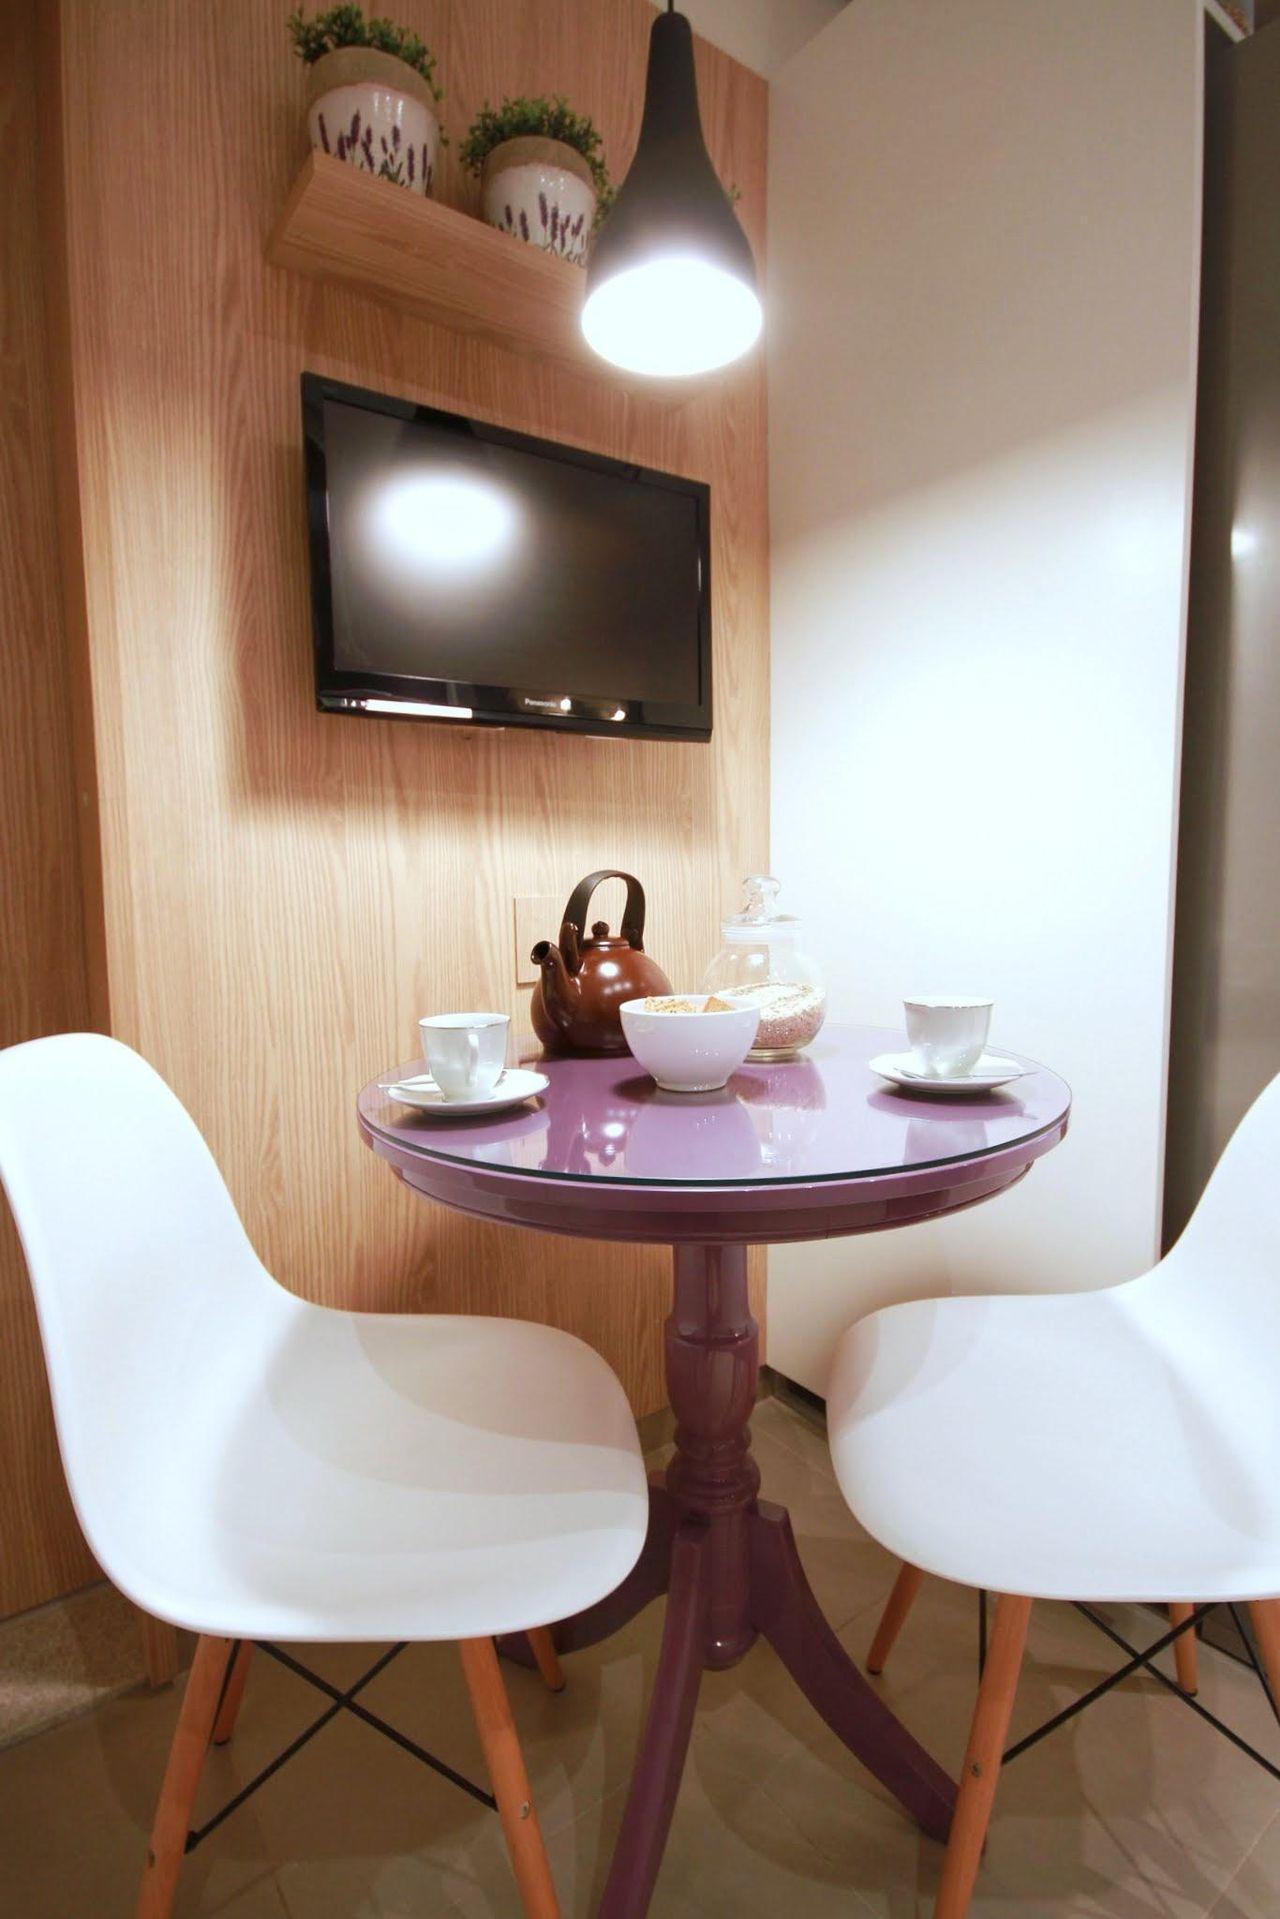 Mesa Pequena E Duas Cadeiras Na Cozinha De Meyercortez Arquitetura